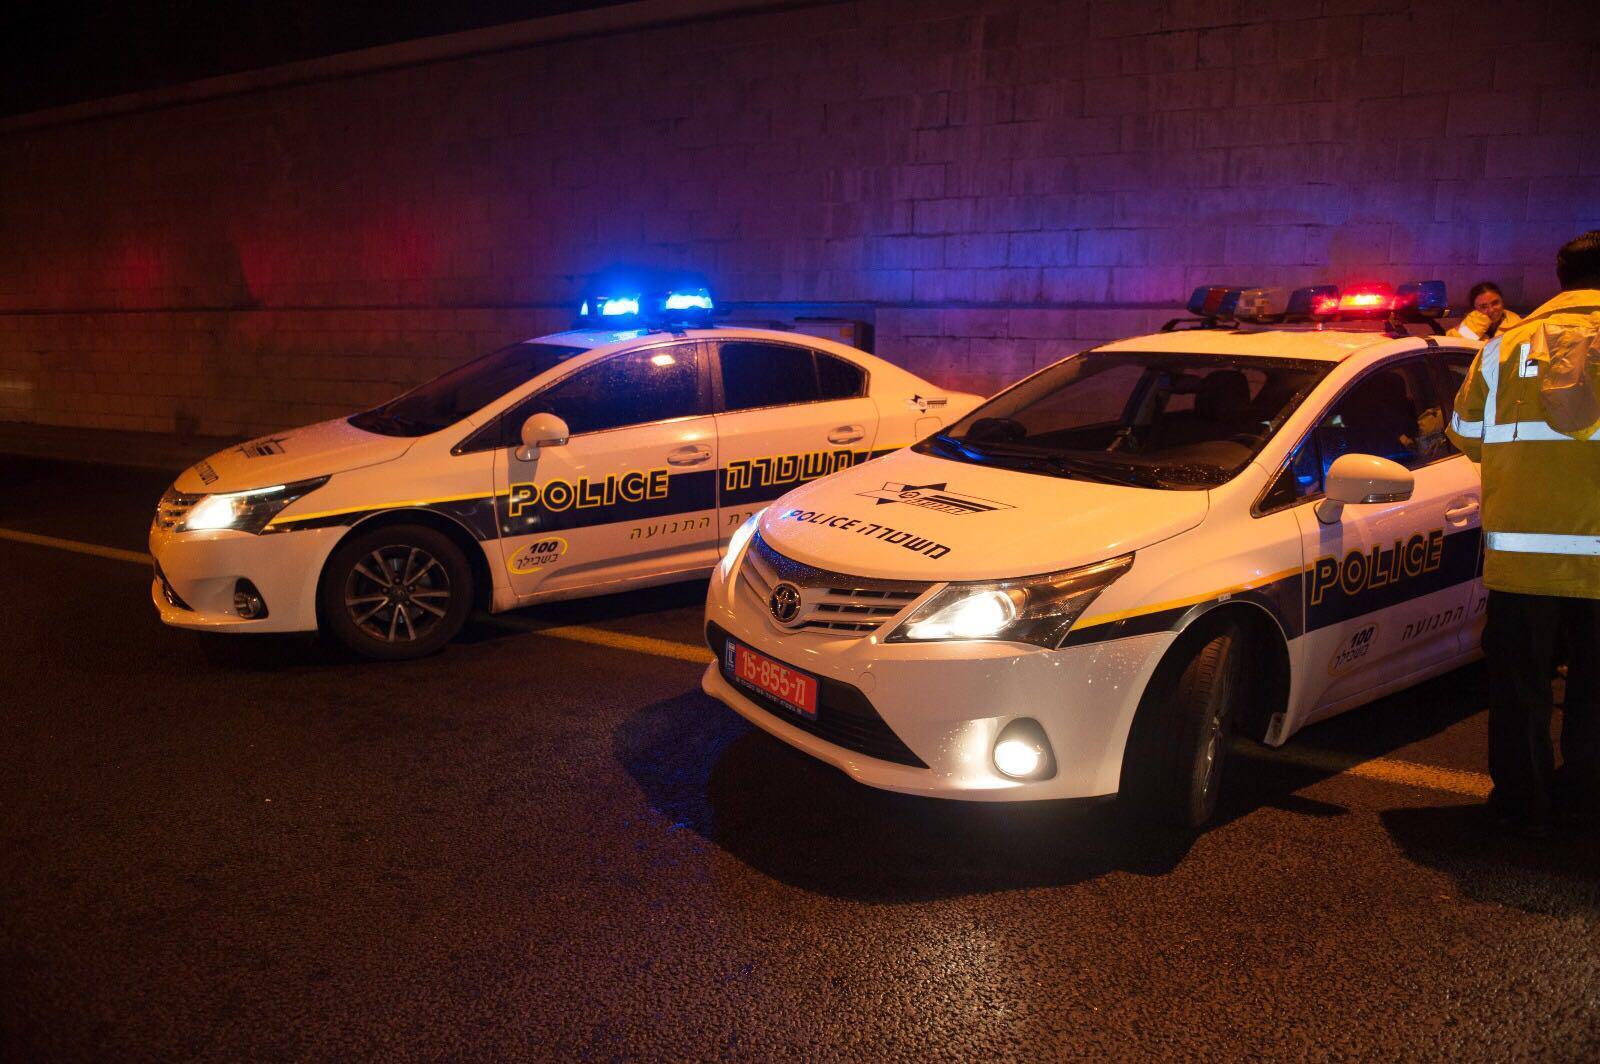 ניידת משטרה -היערכות לקראת חגיגות הסילבסטר והנובי גוד בירושלים (צילום: דוברות המשטרה)